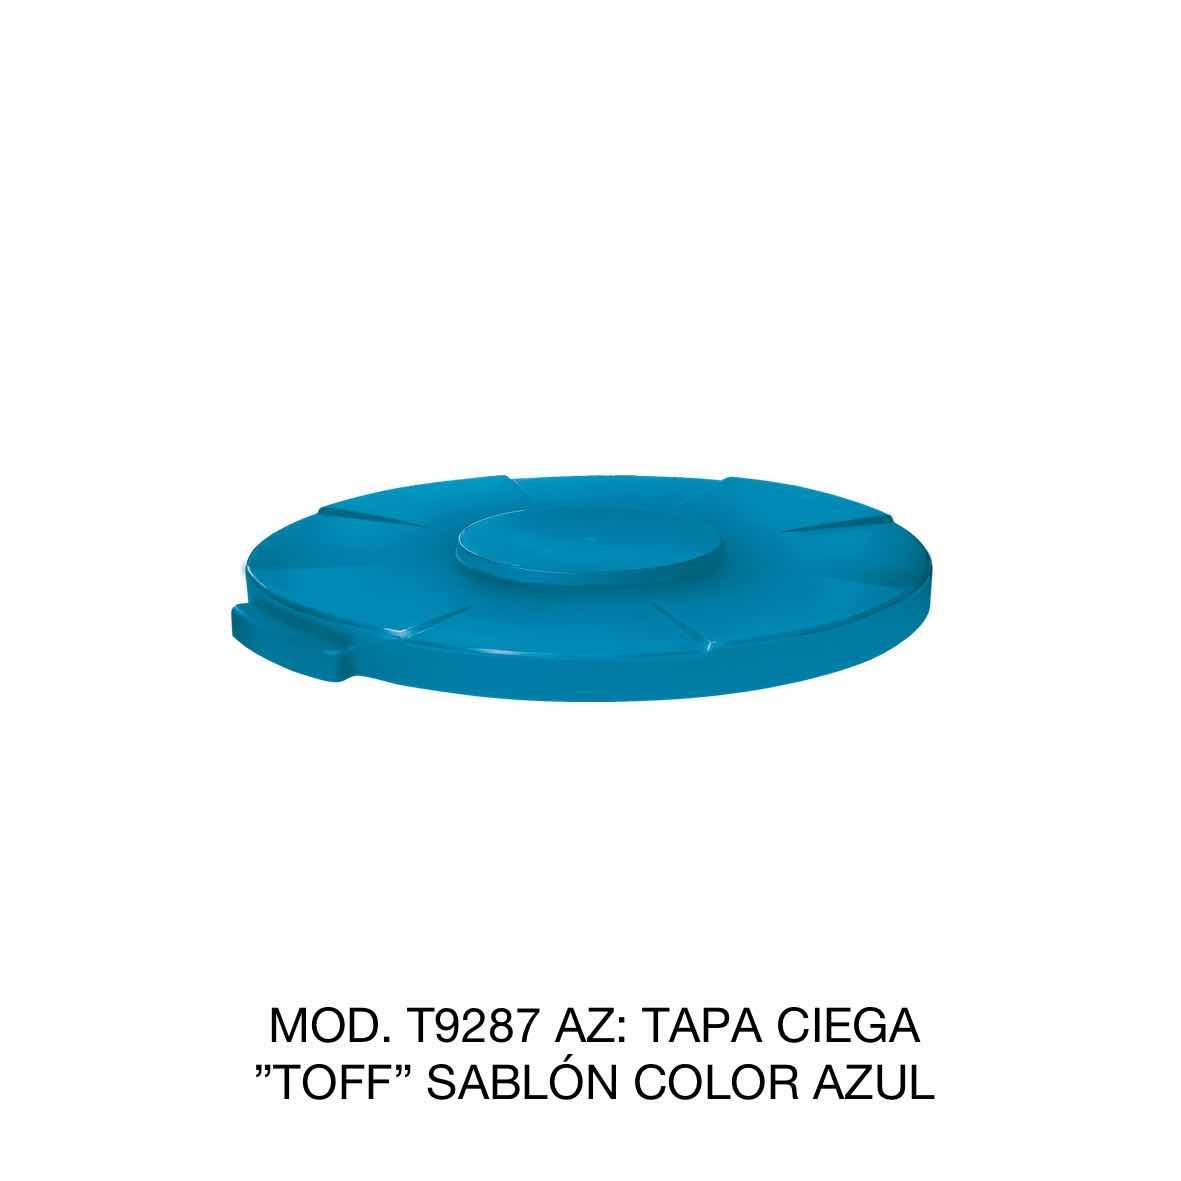 Tapa para contenedor de basura de 120 litros TOFF modelo T9287 AZ color azul de Sablón